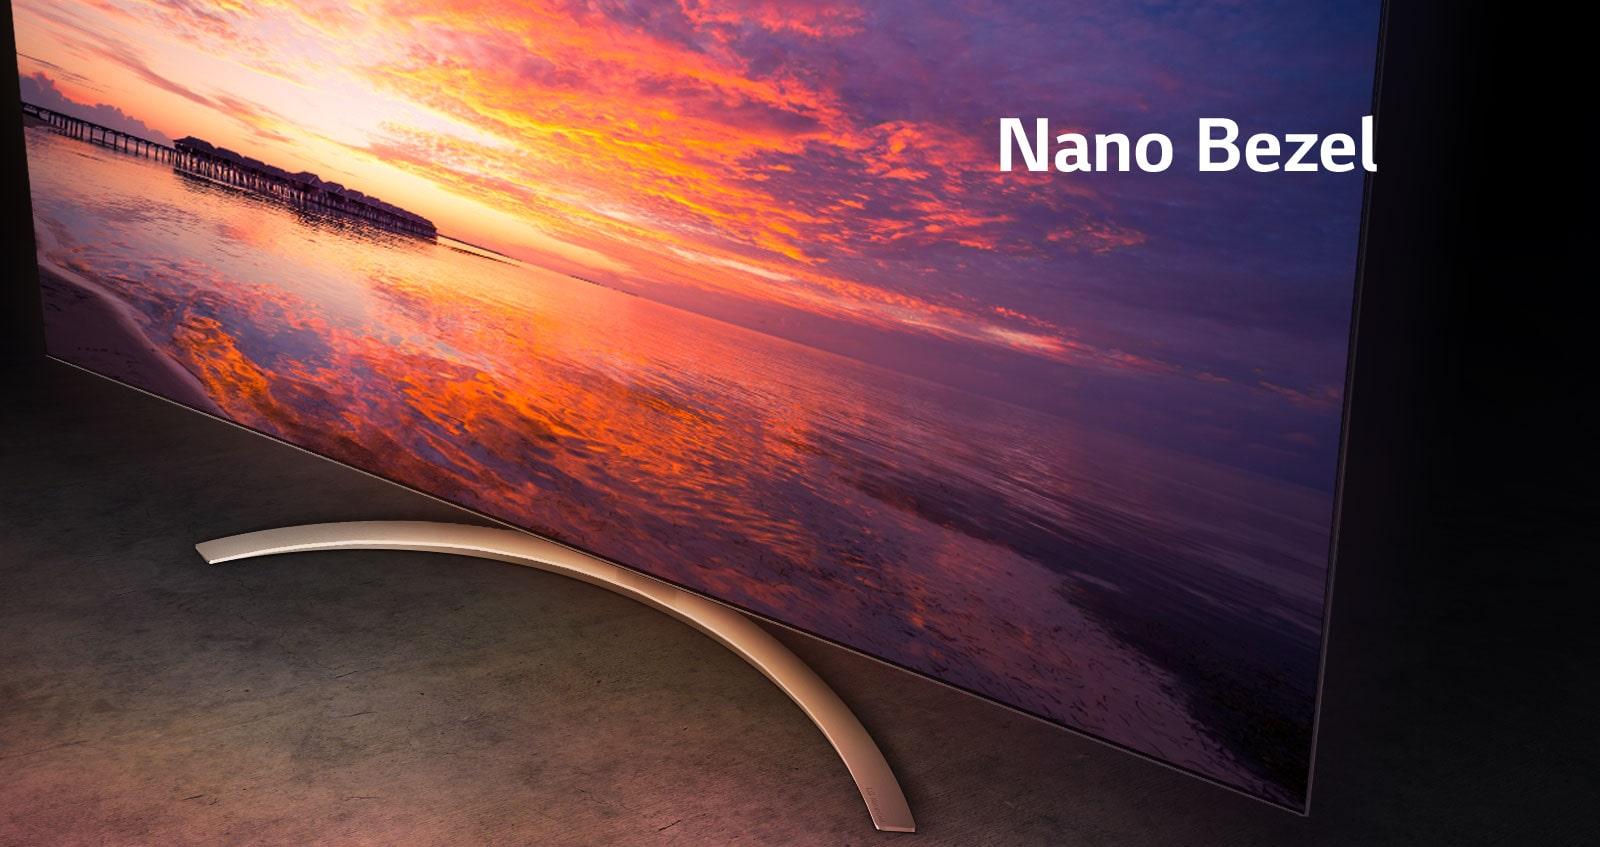 LG NanoCell TV 49 inch SM8100